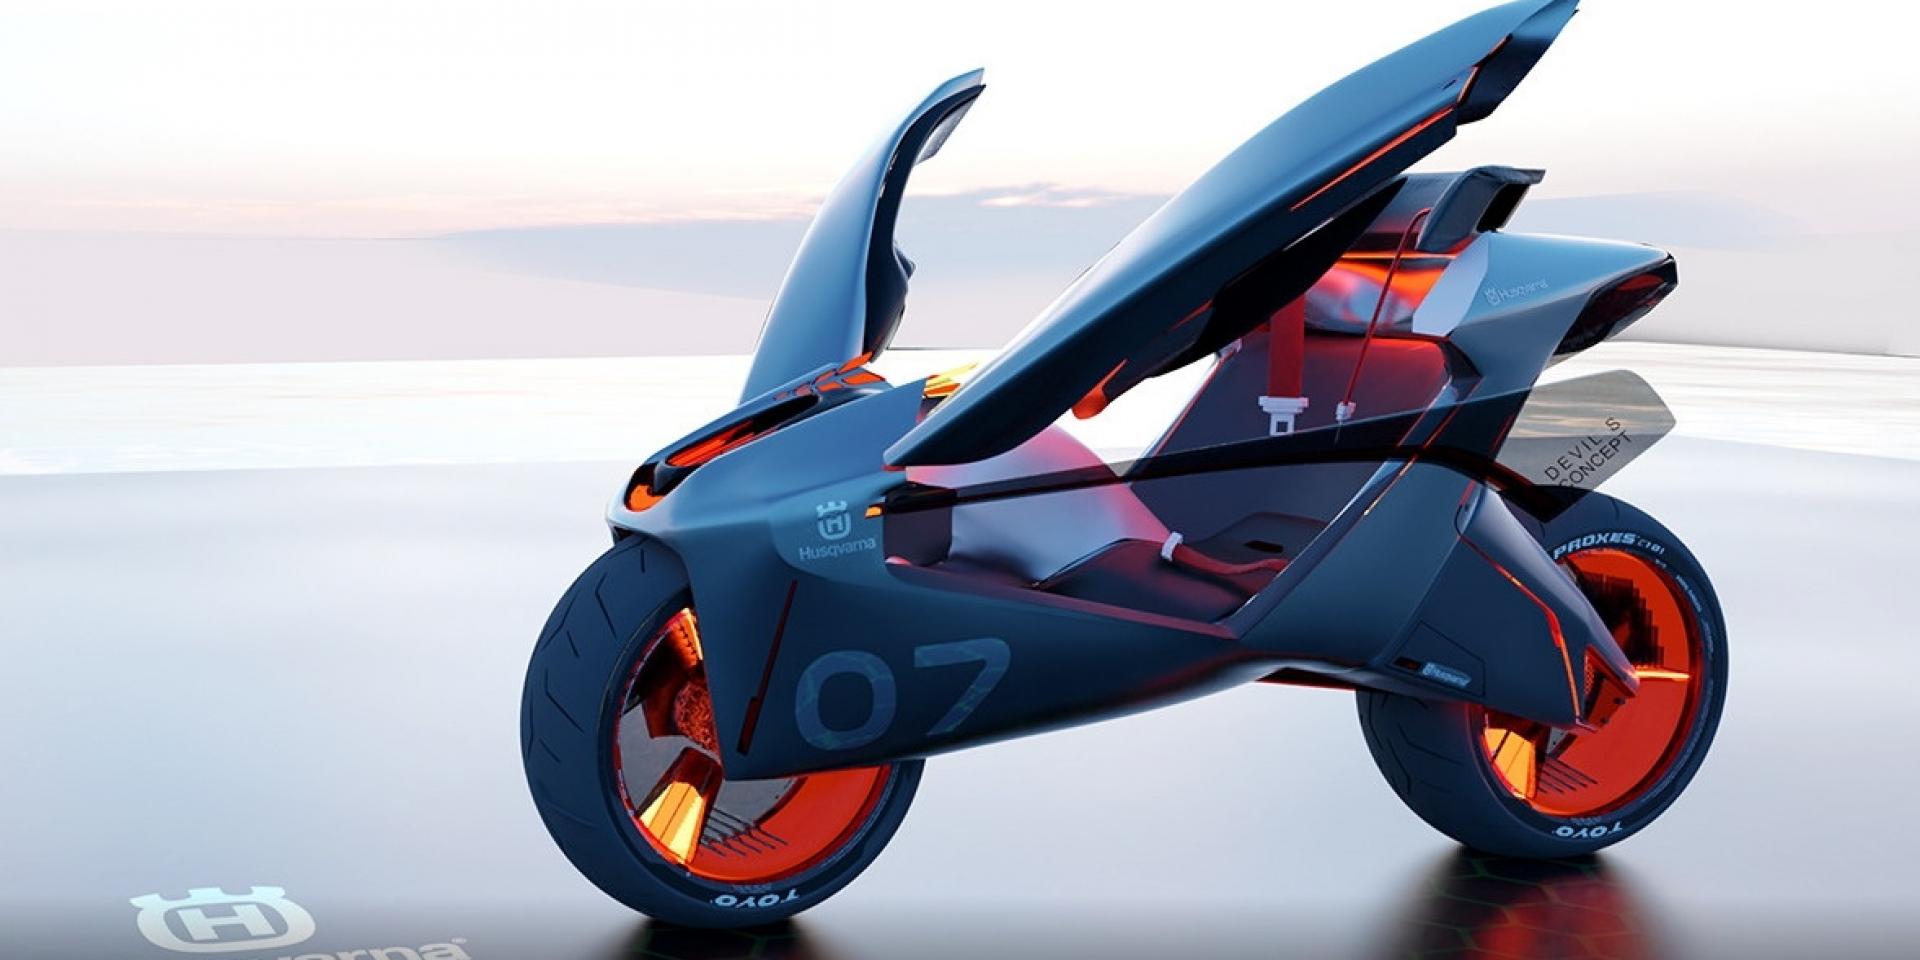 結合昆蟲概念 Husqvarna Devils S超帥概念車更安全